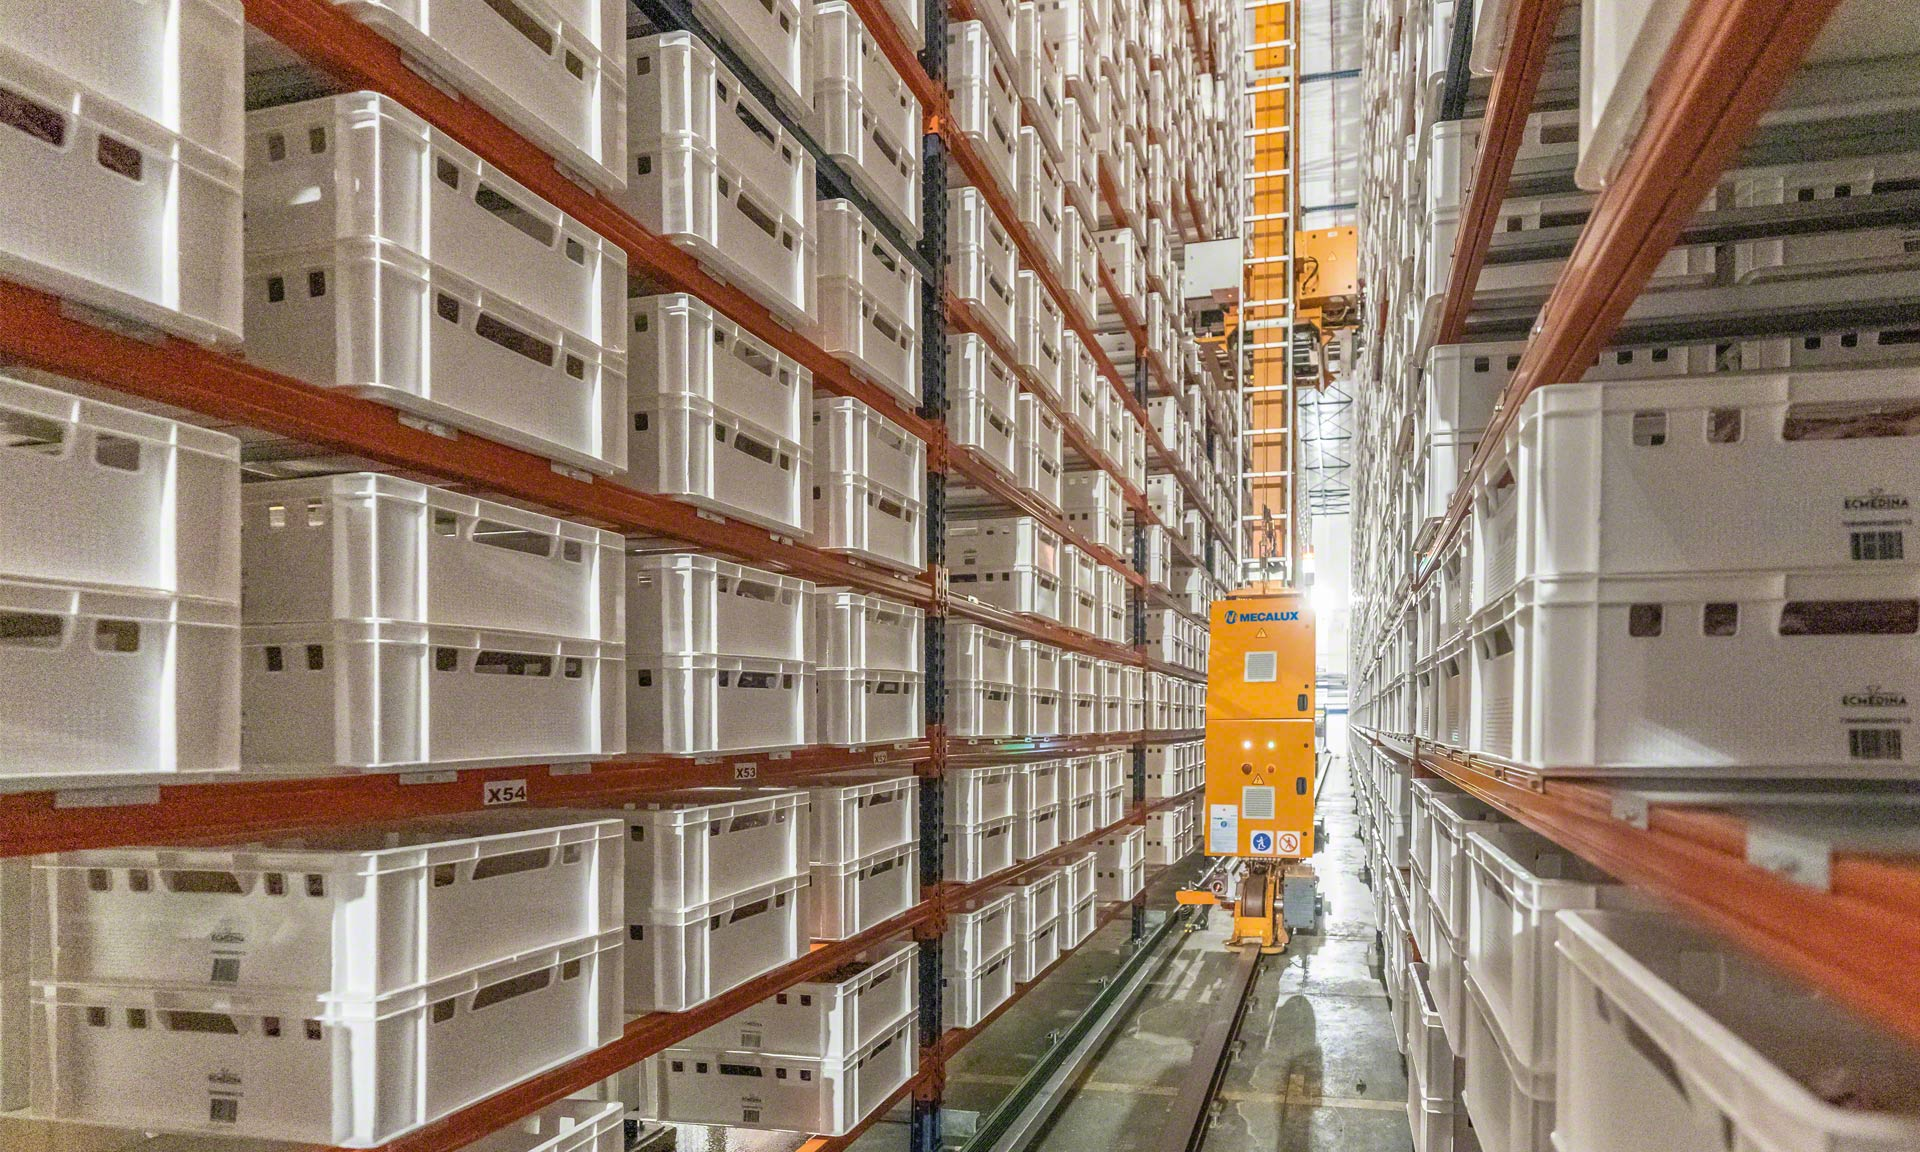 Elaborados Cárnicos Medina: 30 milhões de quilos / ano de vitela em um buffer automático